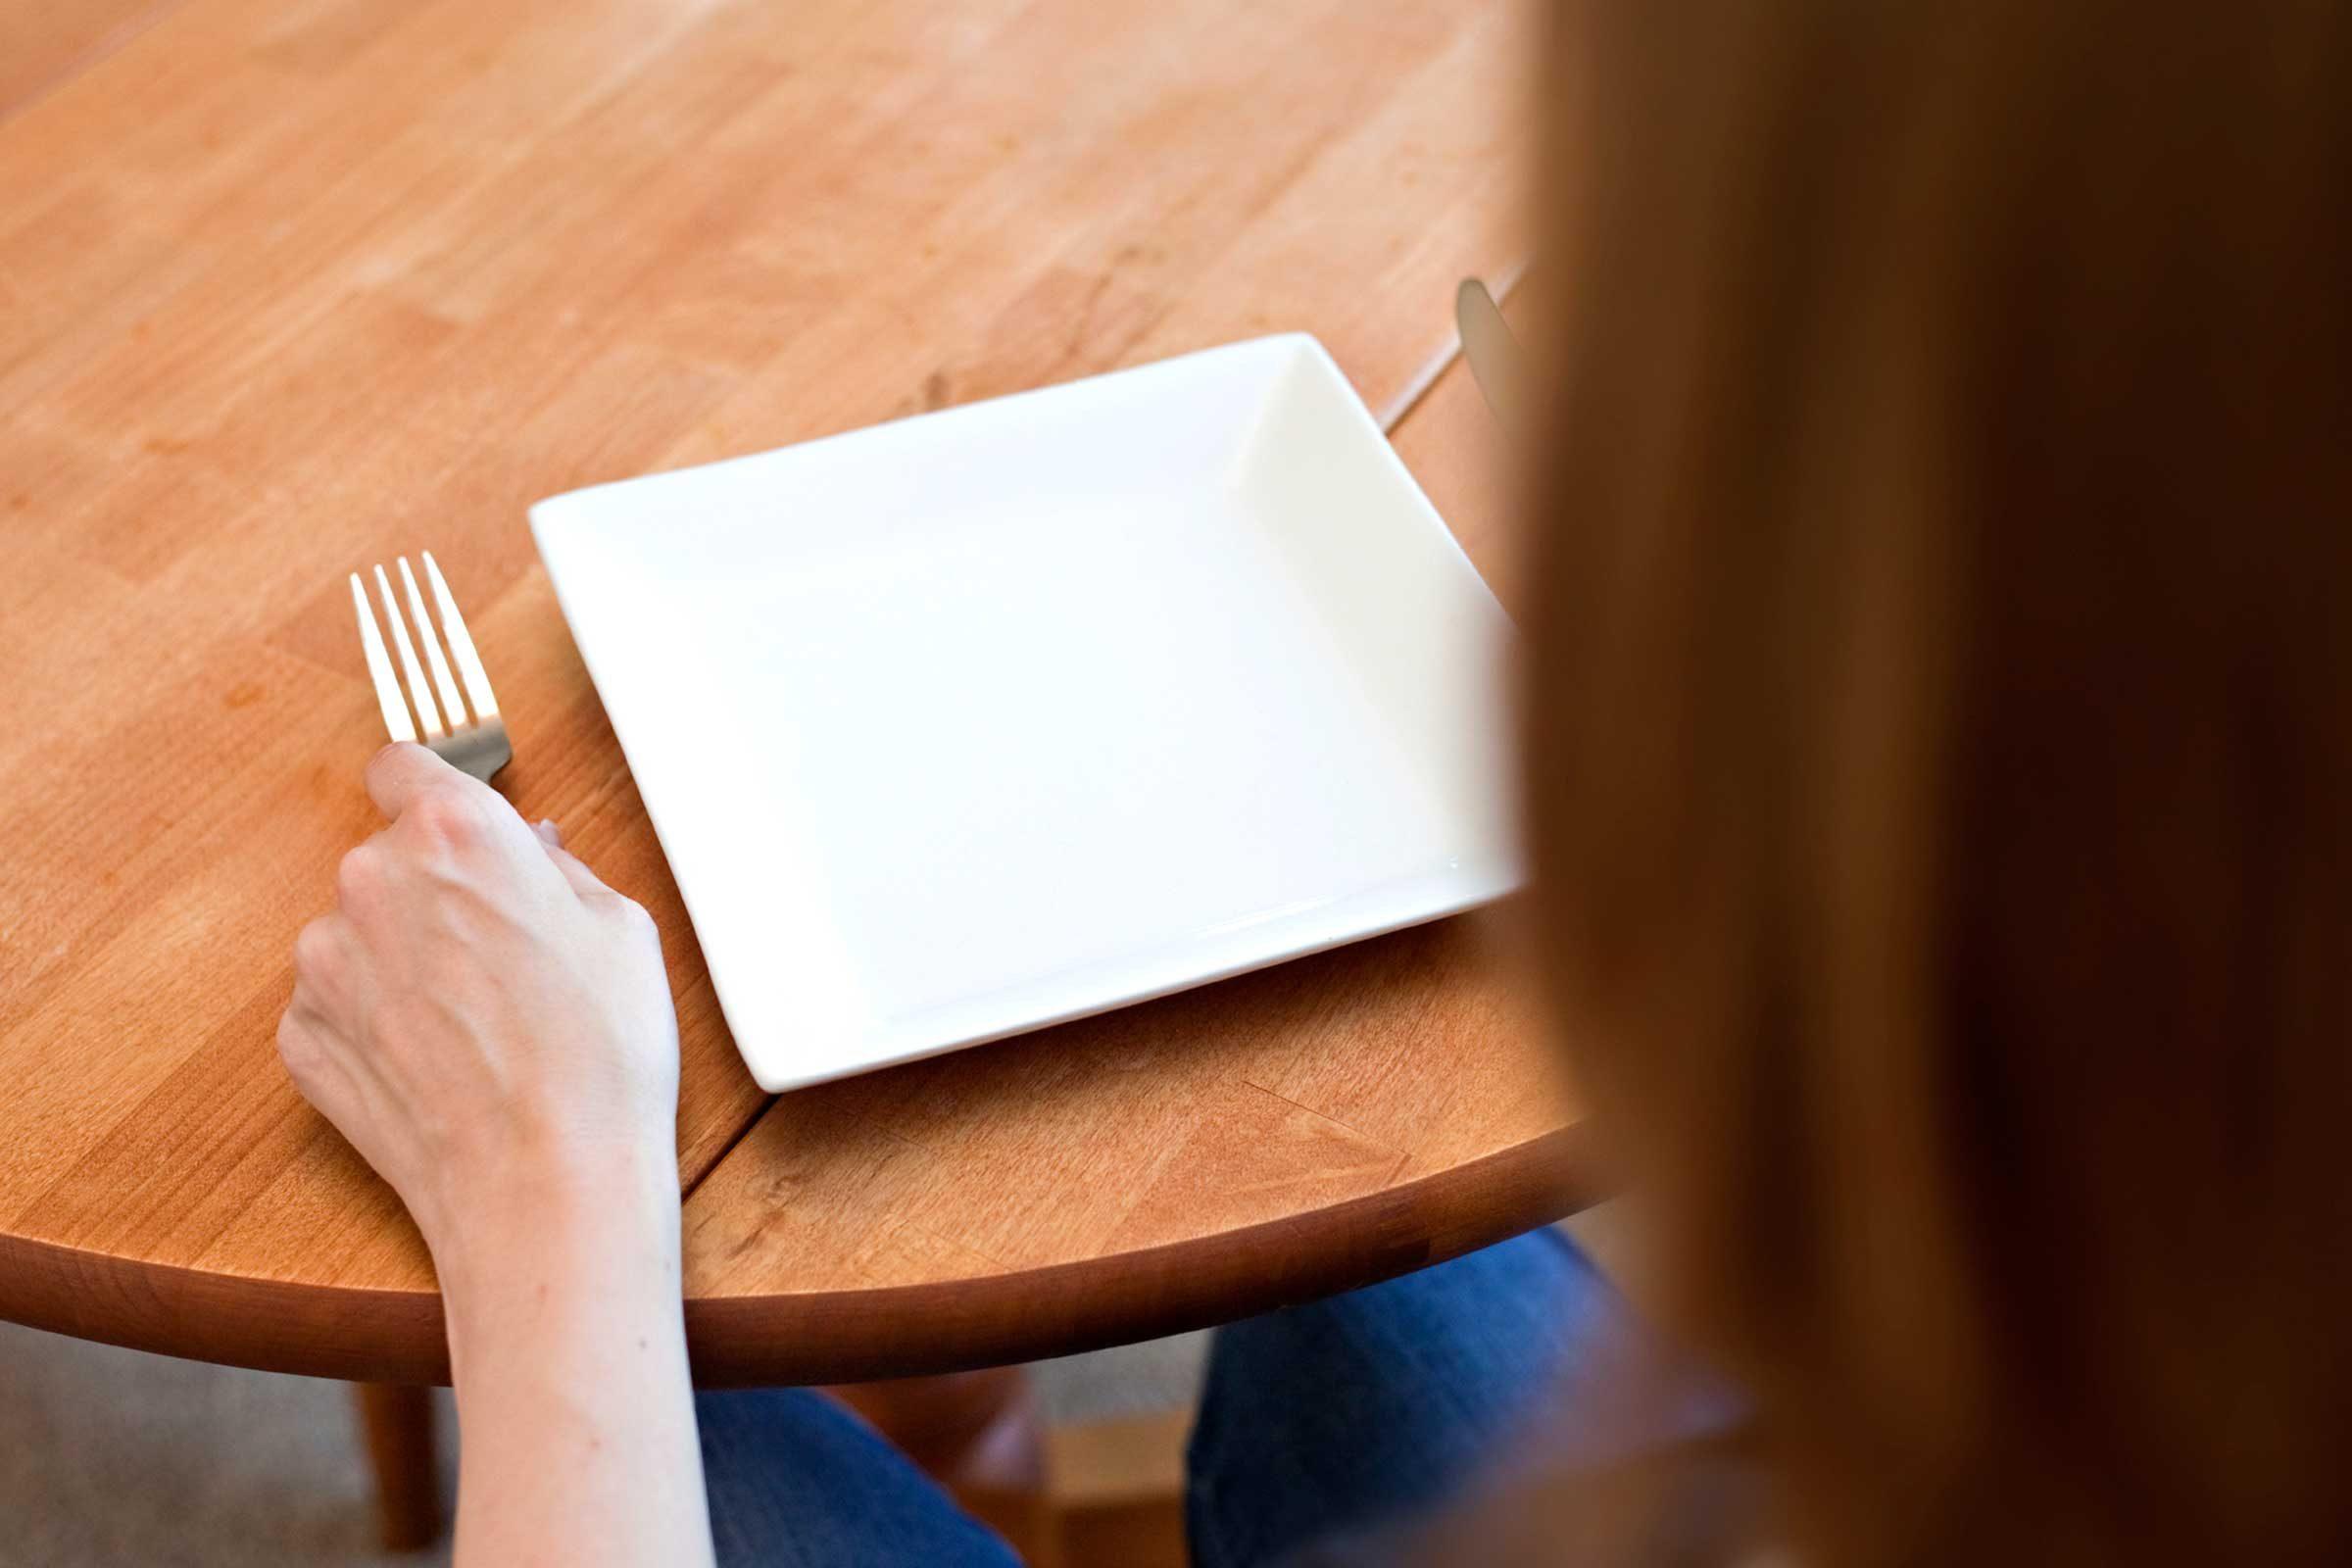 La perte d'appétit est aussi associée au cancer du foie.